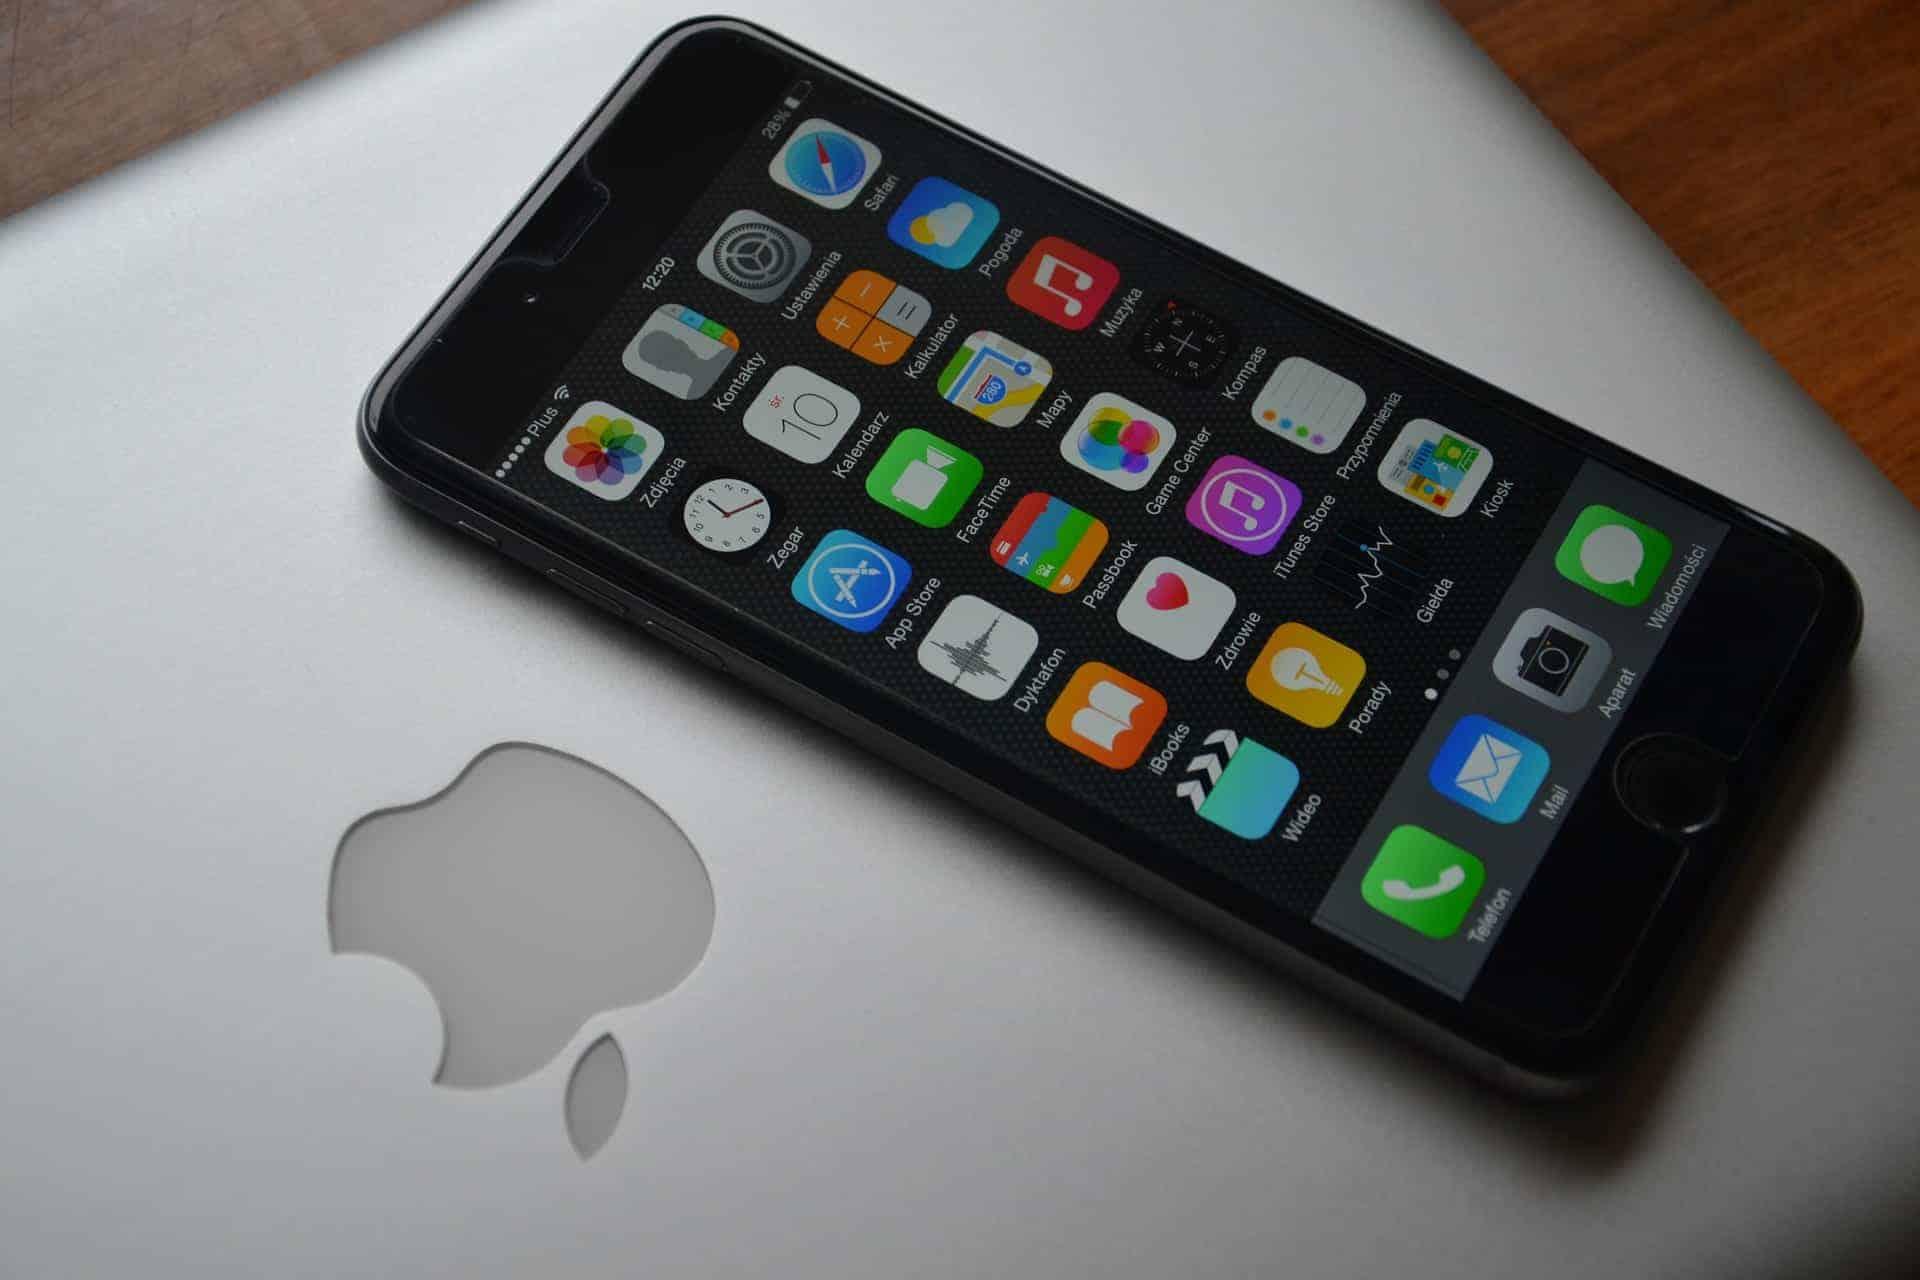 η Apple ενδέχεται να κυκλοφορήσει τρία νέα iPhone το 2018